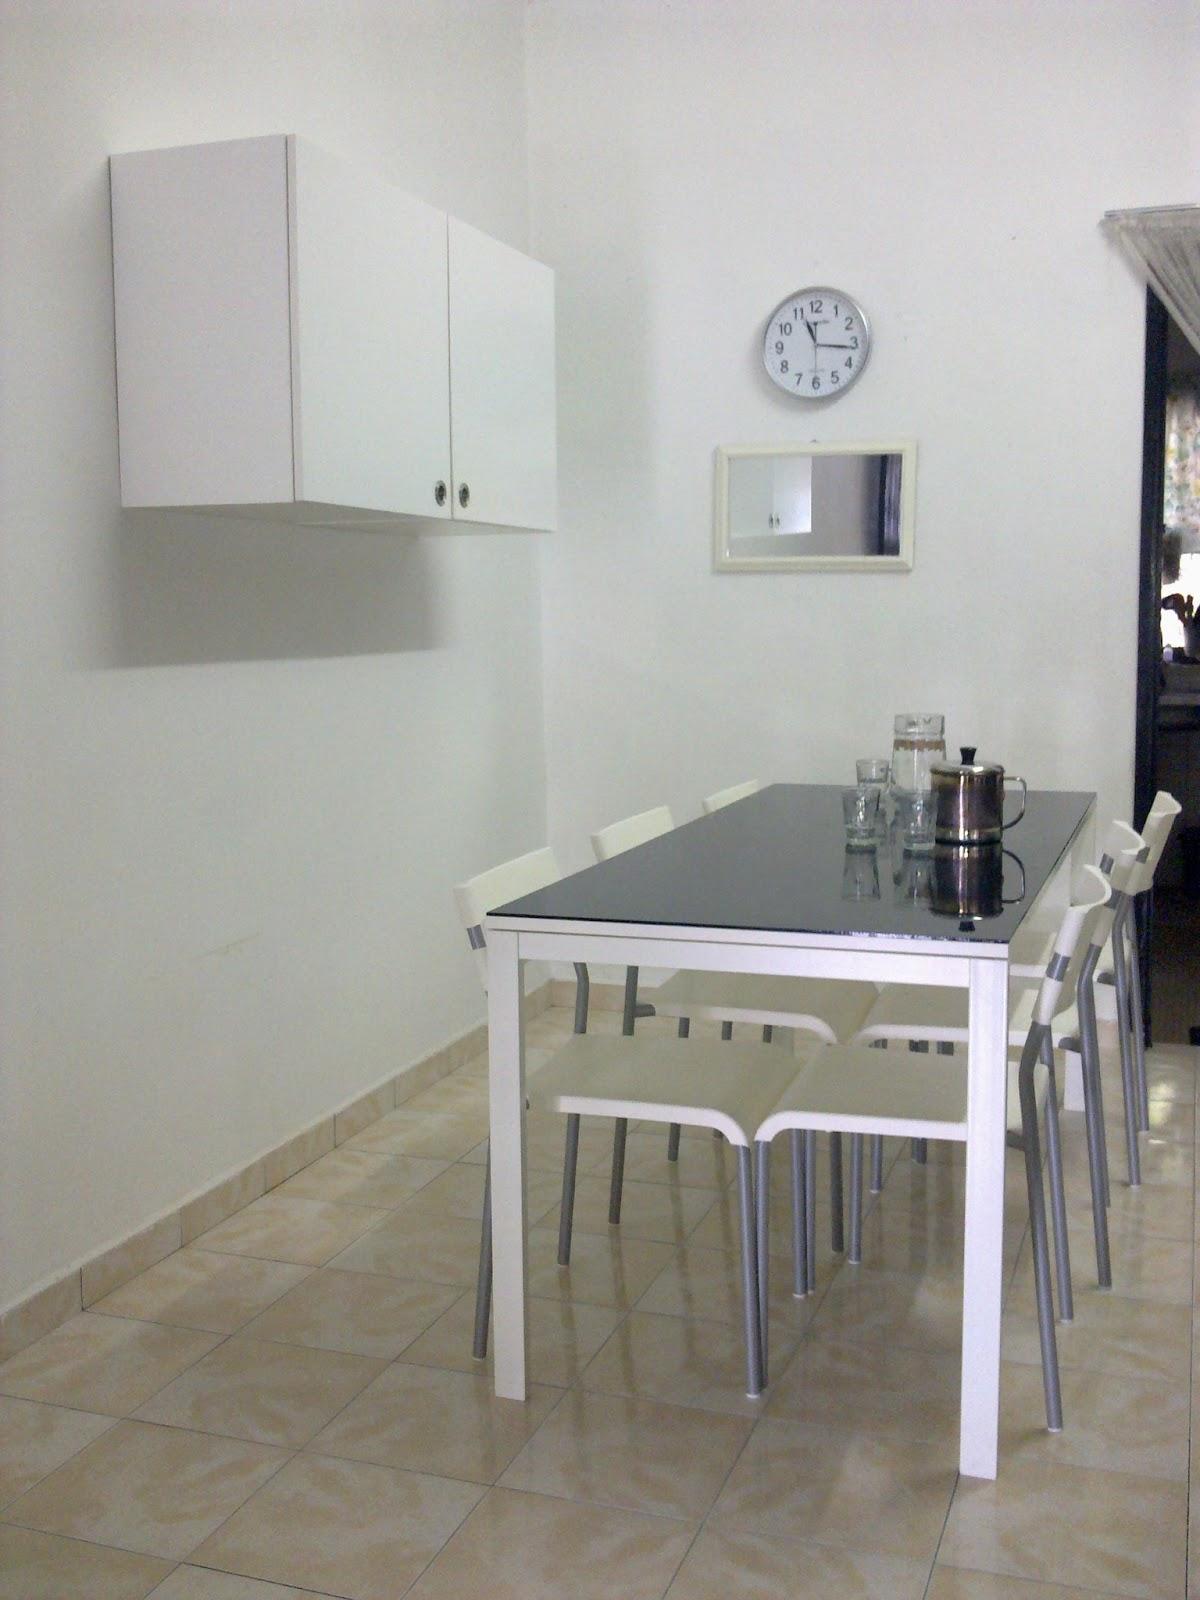 Deko Rumah Dengan Barang Ikea  Susun Atur Sioca